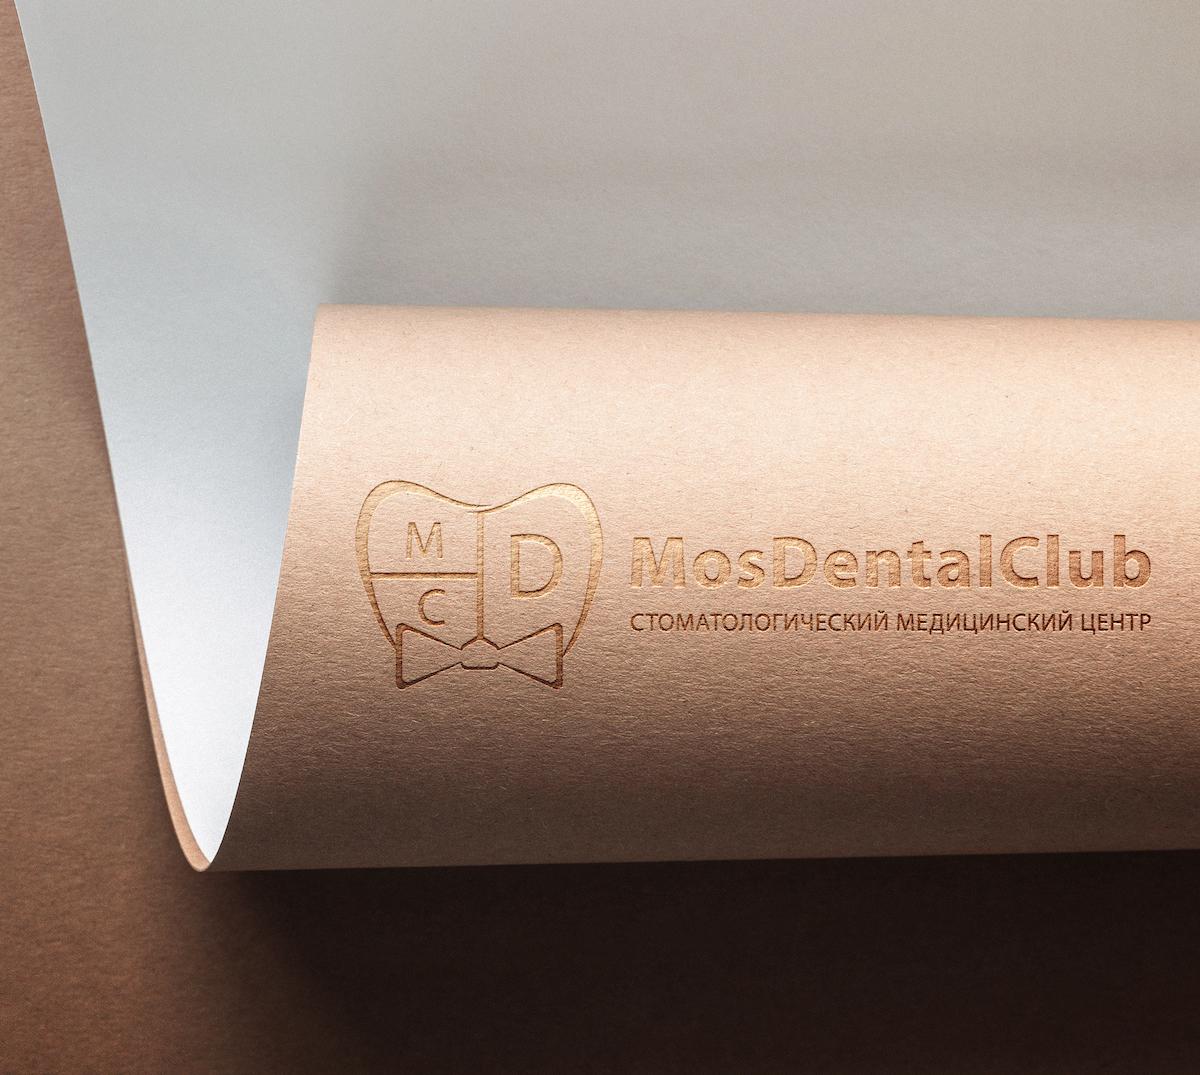 Разработка логотипа стоматологического медицинского центра фото f_7545e4fbb8944169.jpg